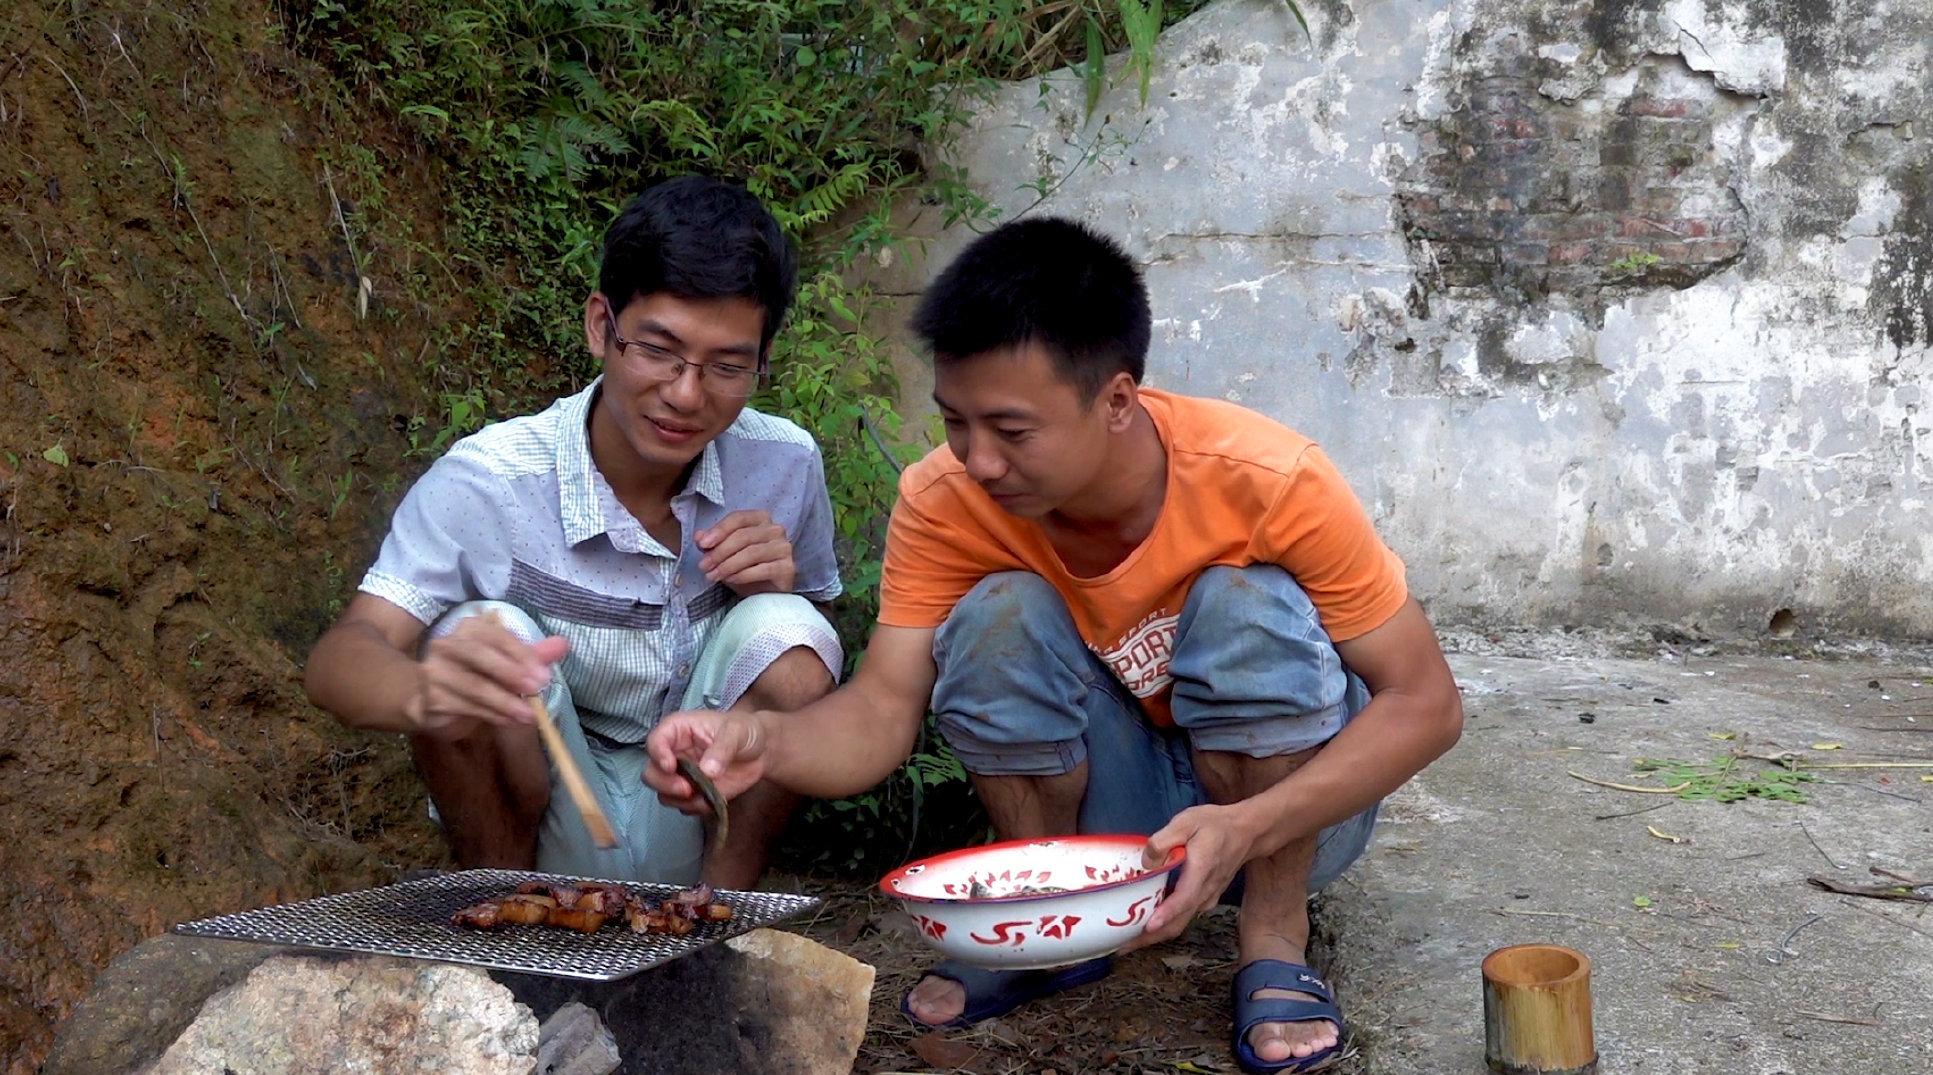 华农兄弟:把池子里的水抽干,看下还有多少鱼,顺便搞几条来烤